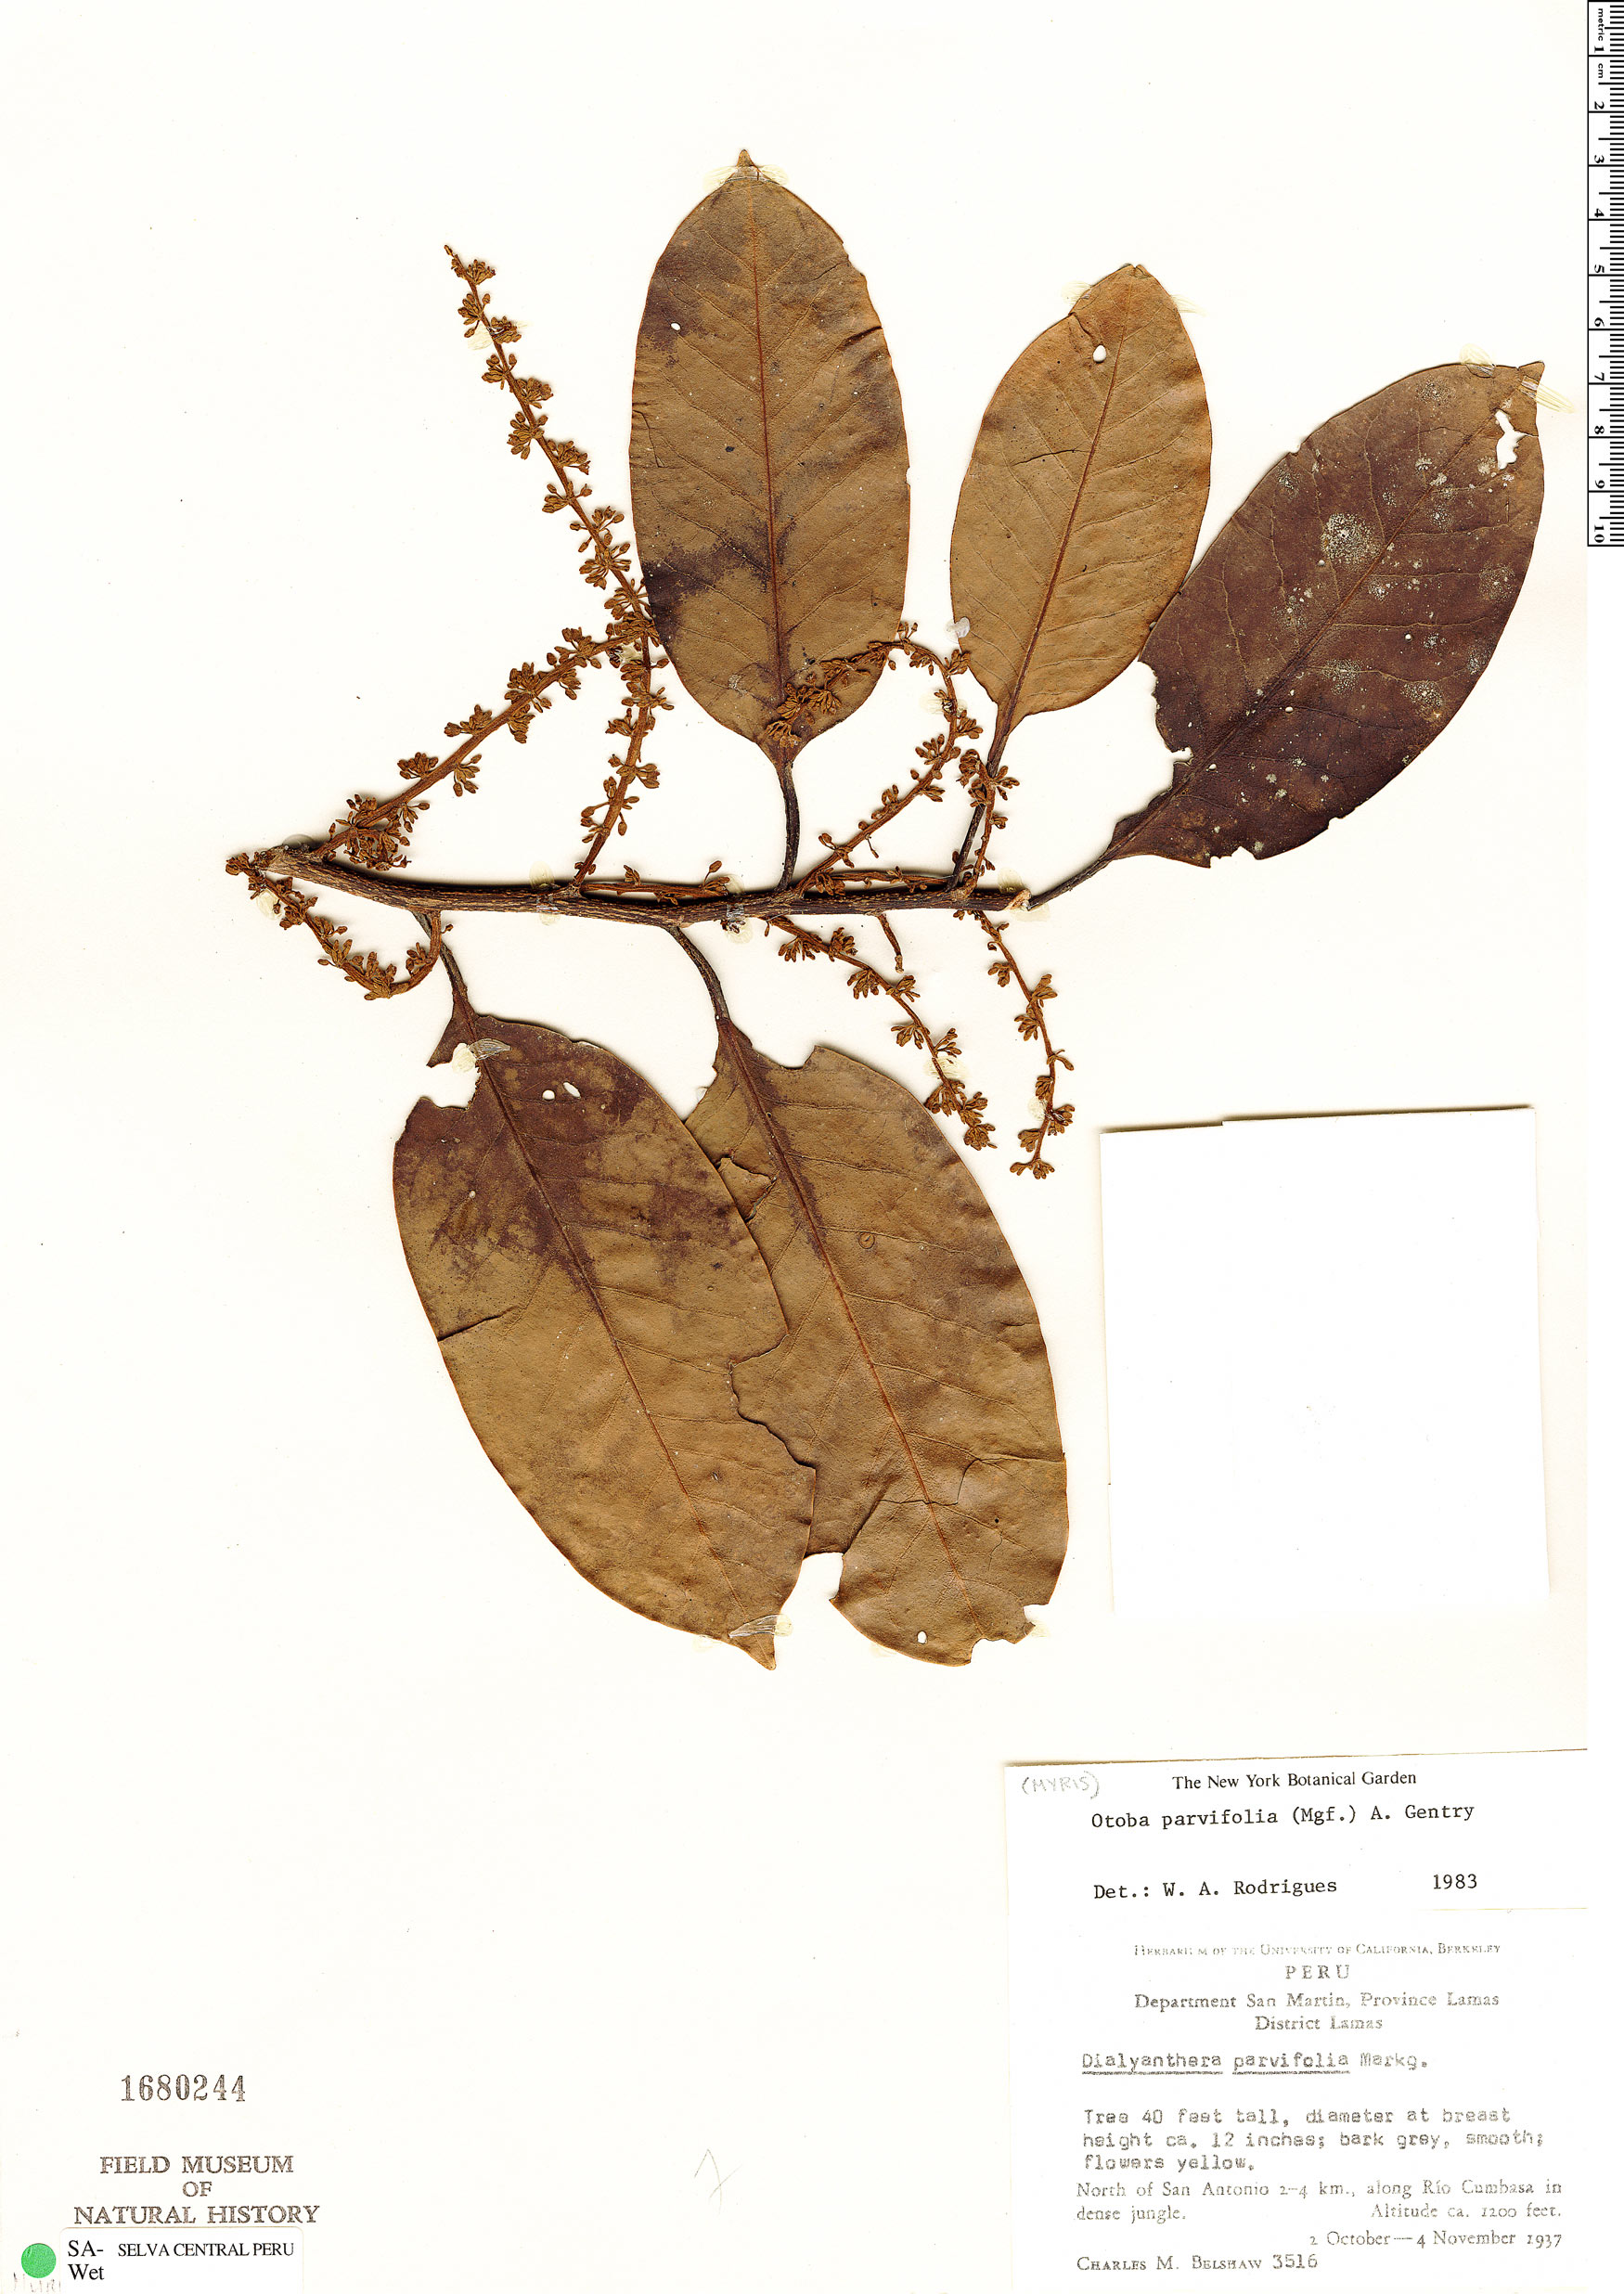 Specimen: Otoba parvifolia